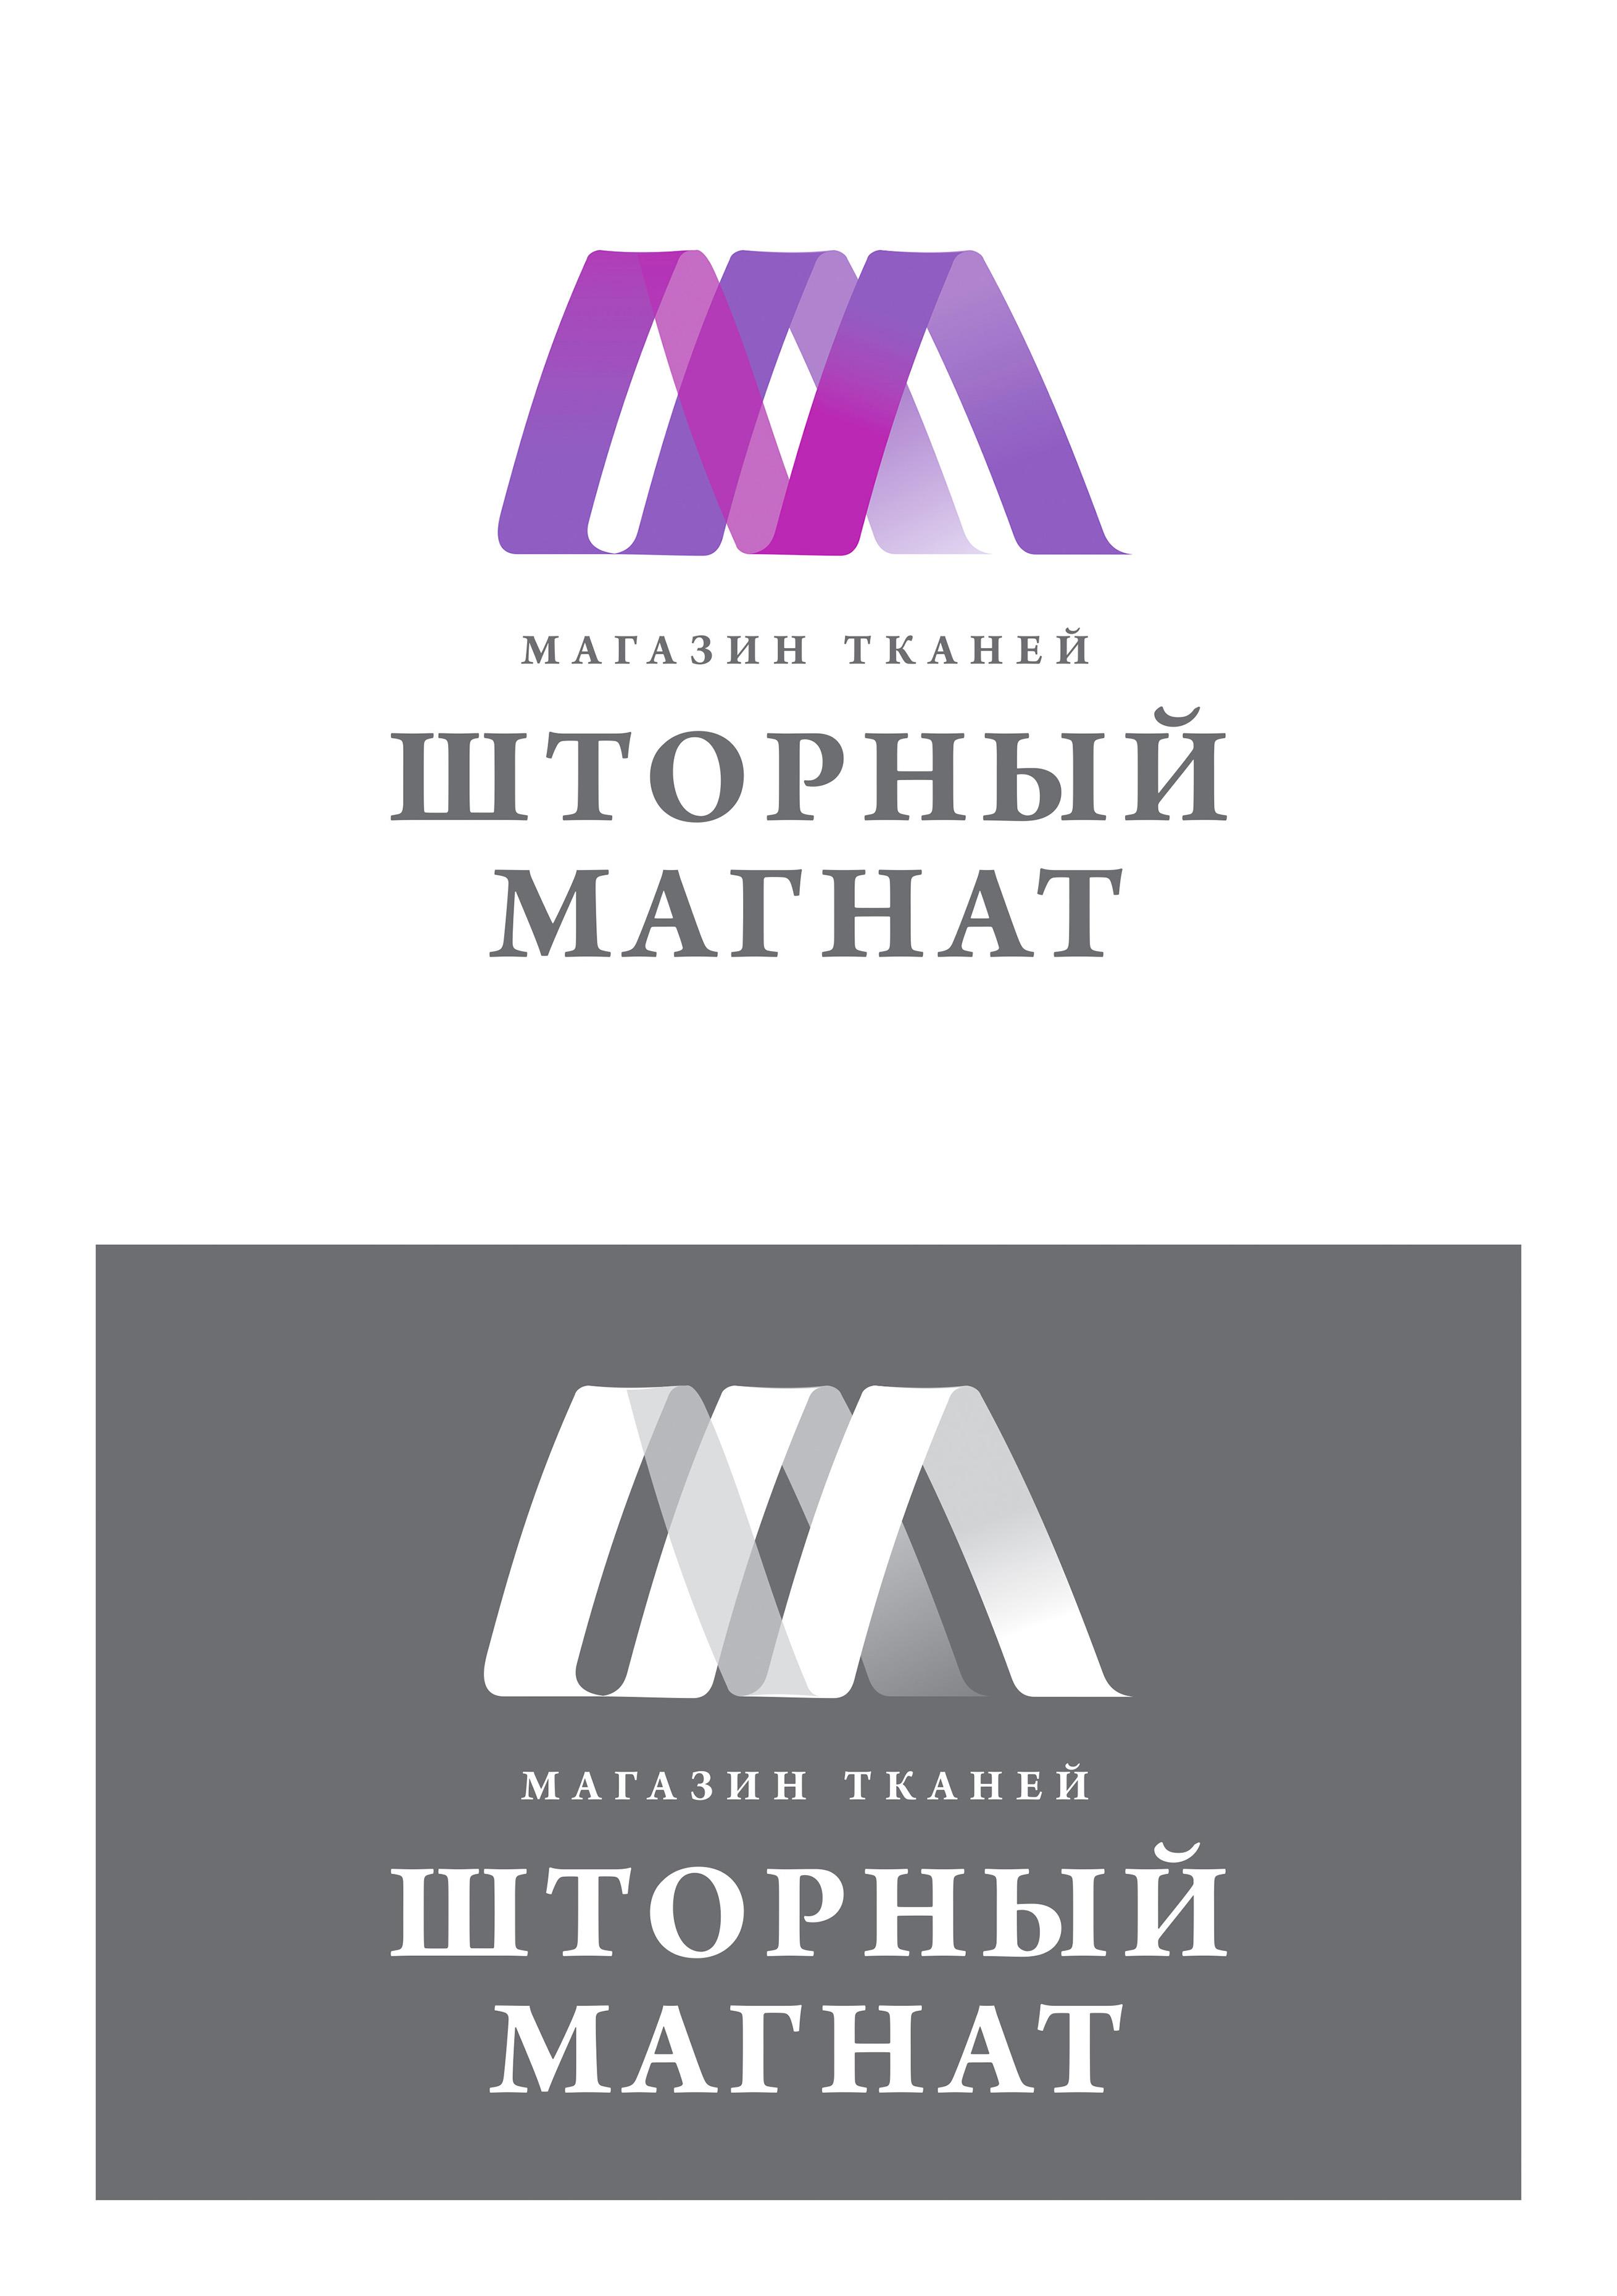 Логотип и фирменный стиль для магазина тканей. фото f_6545cd865c0ec913.jpg